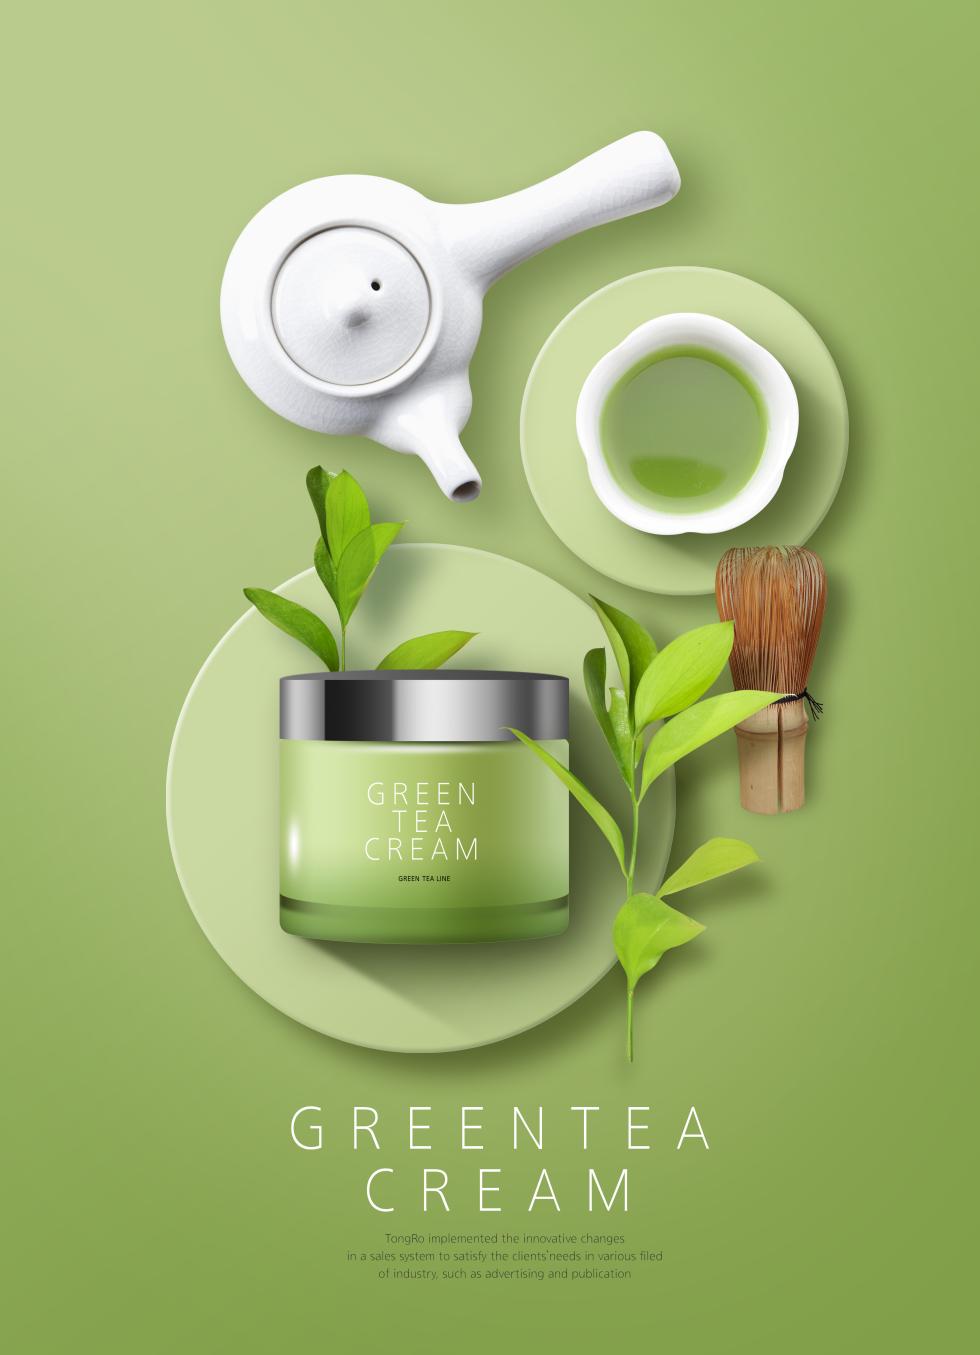 绿茶面霜润肤霜清洁护肤美容海报